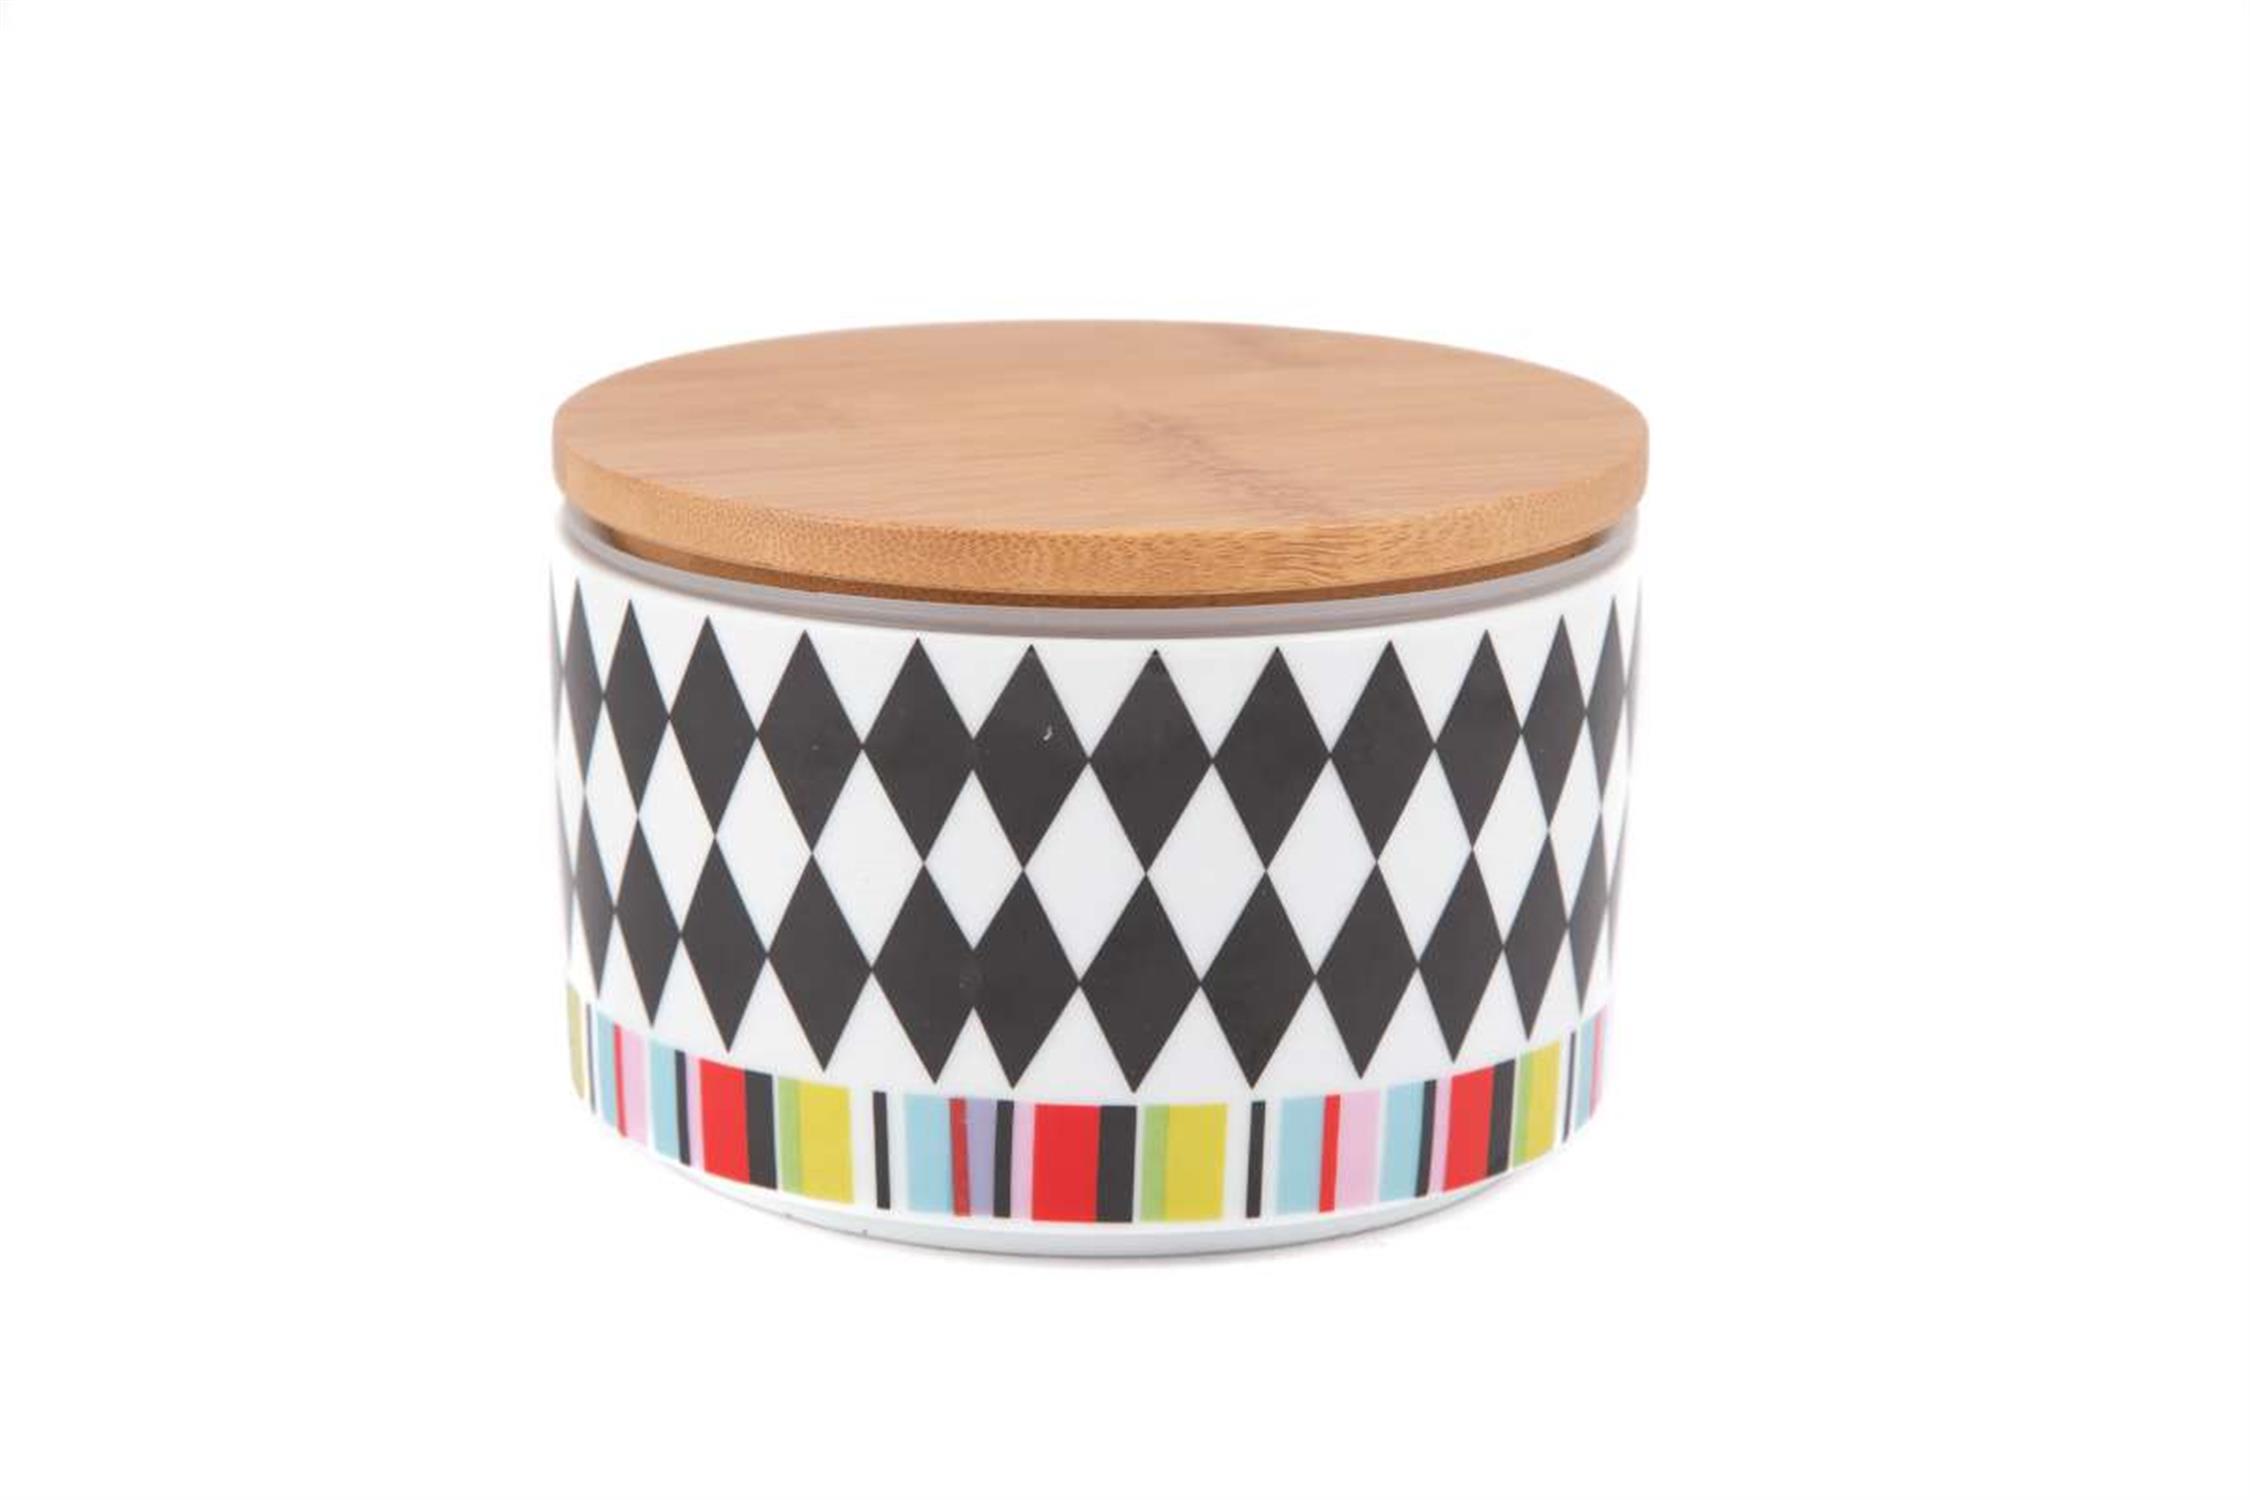 Βάζο ασπρόμαυροι ρόμβοι/πολύχρωμο ριγέ με ξύλινο καπάκι Δ-14εκ